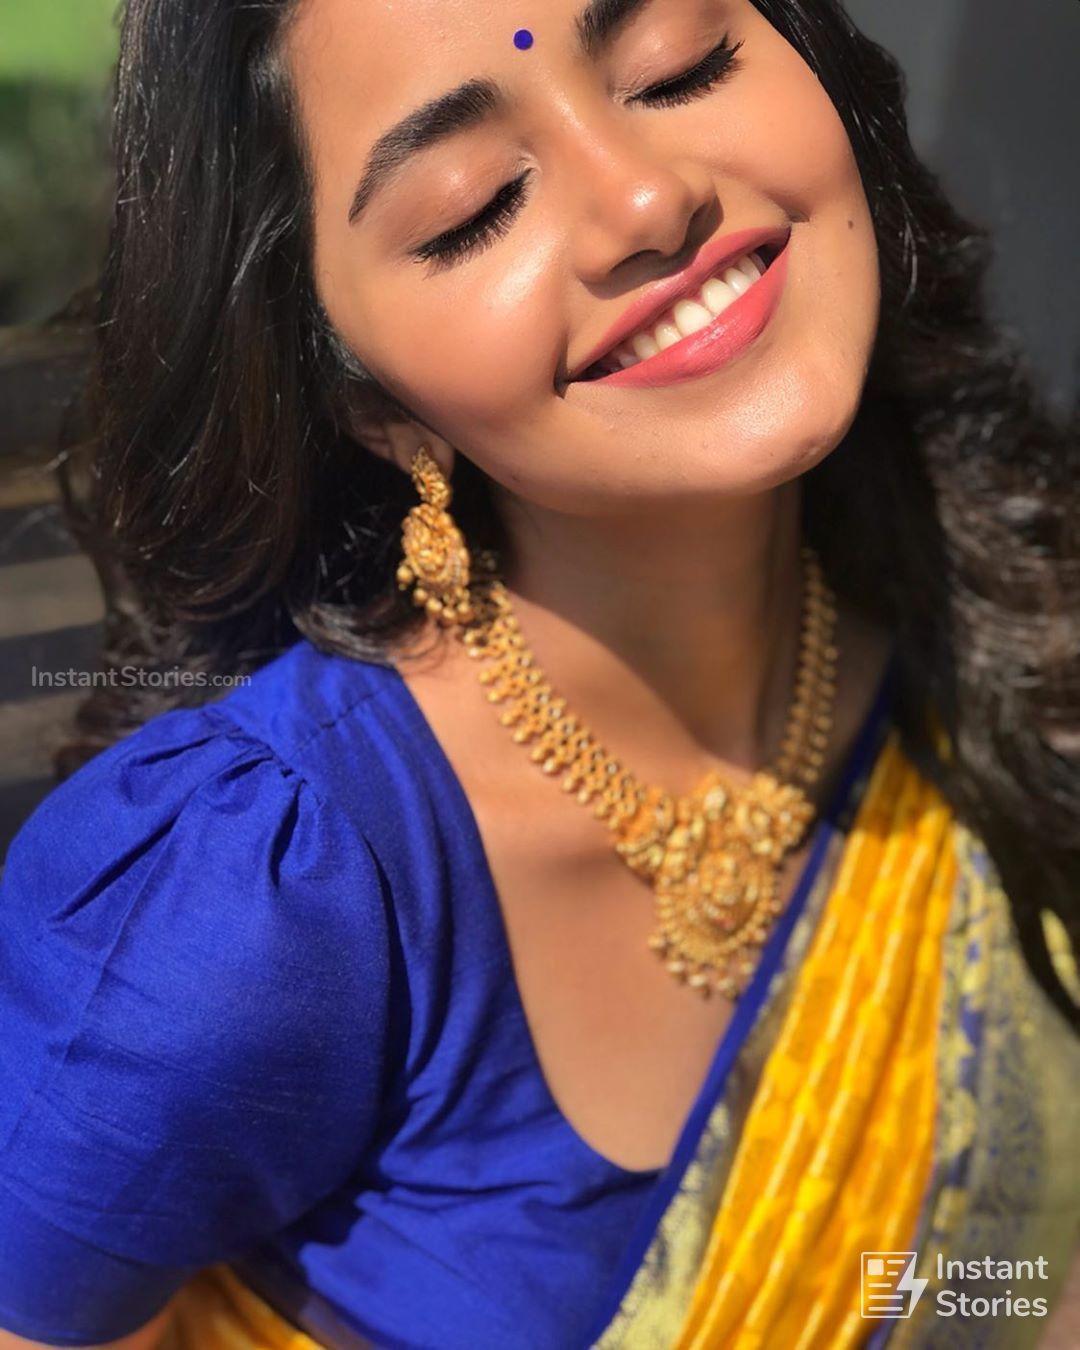 Anupama Parameswaran Latest Hot Hd Photos Wallpapers 1080p 4k 13789 Anupamaparameswaran Anupama Parameswaran Beautiful Indian Actress Actress Photos